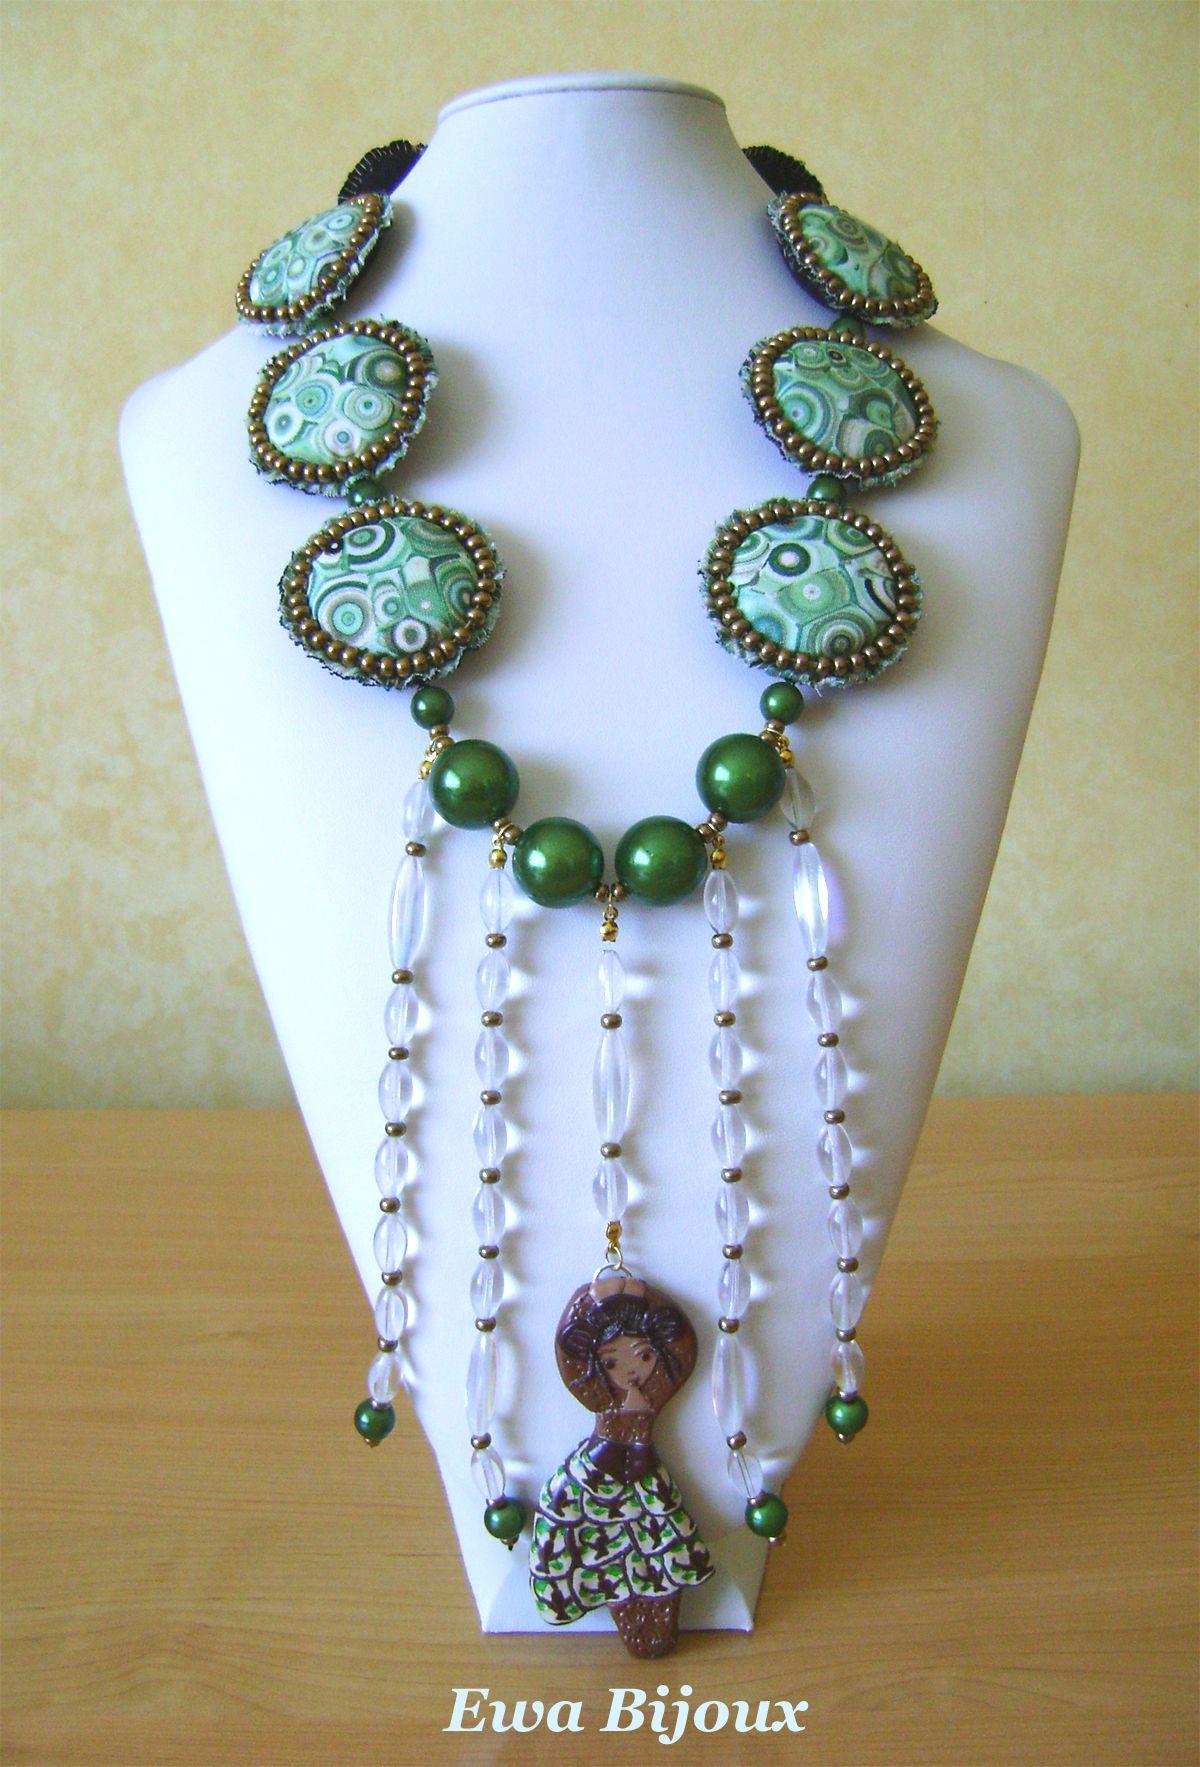 Collier avec pendentif en pâte polymère, avec perles en verre, perles synthétiques et médaillons en tissu.